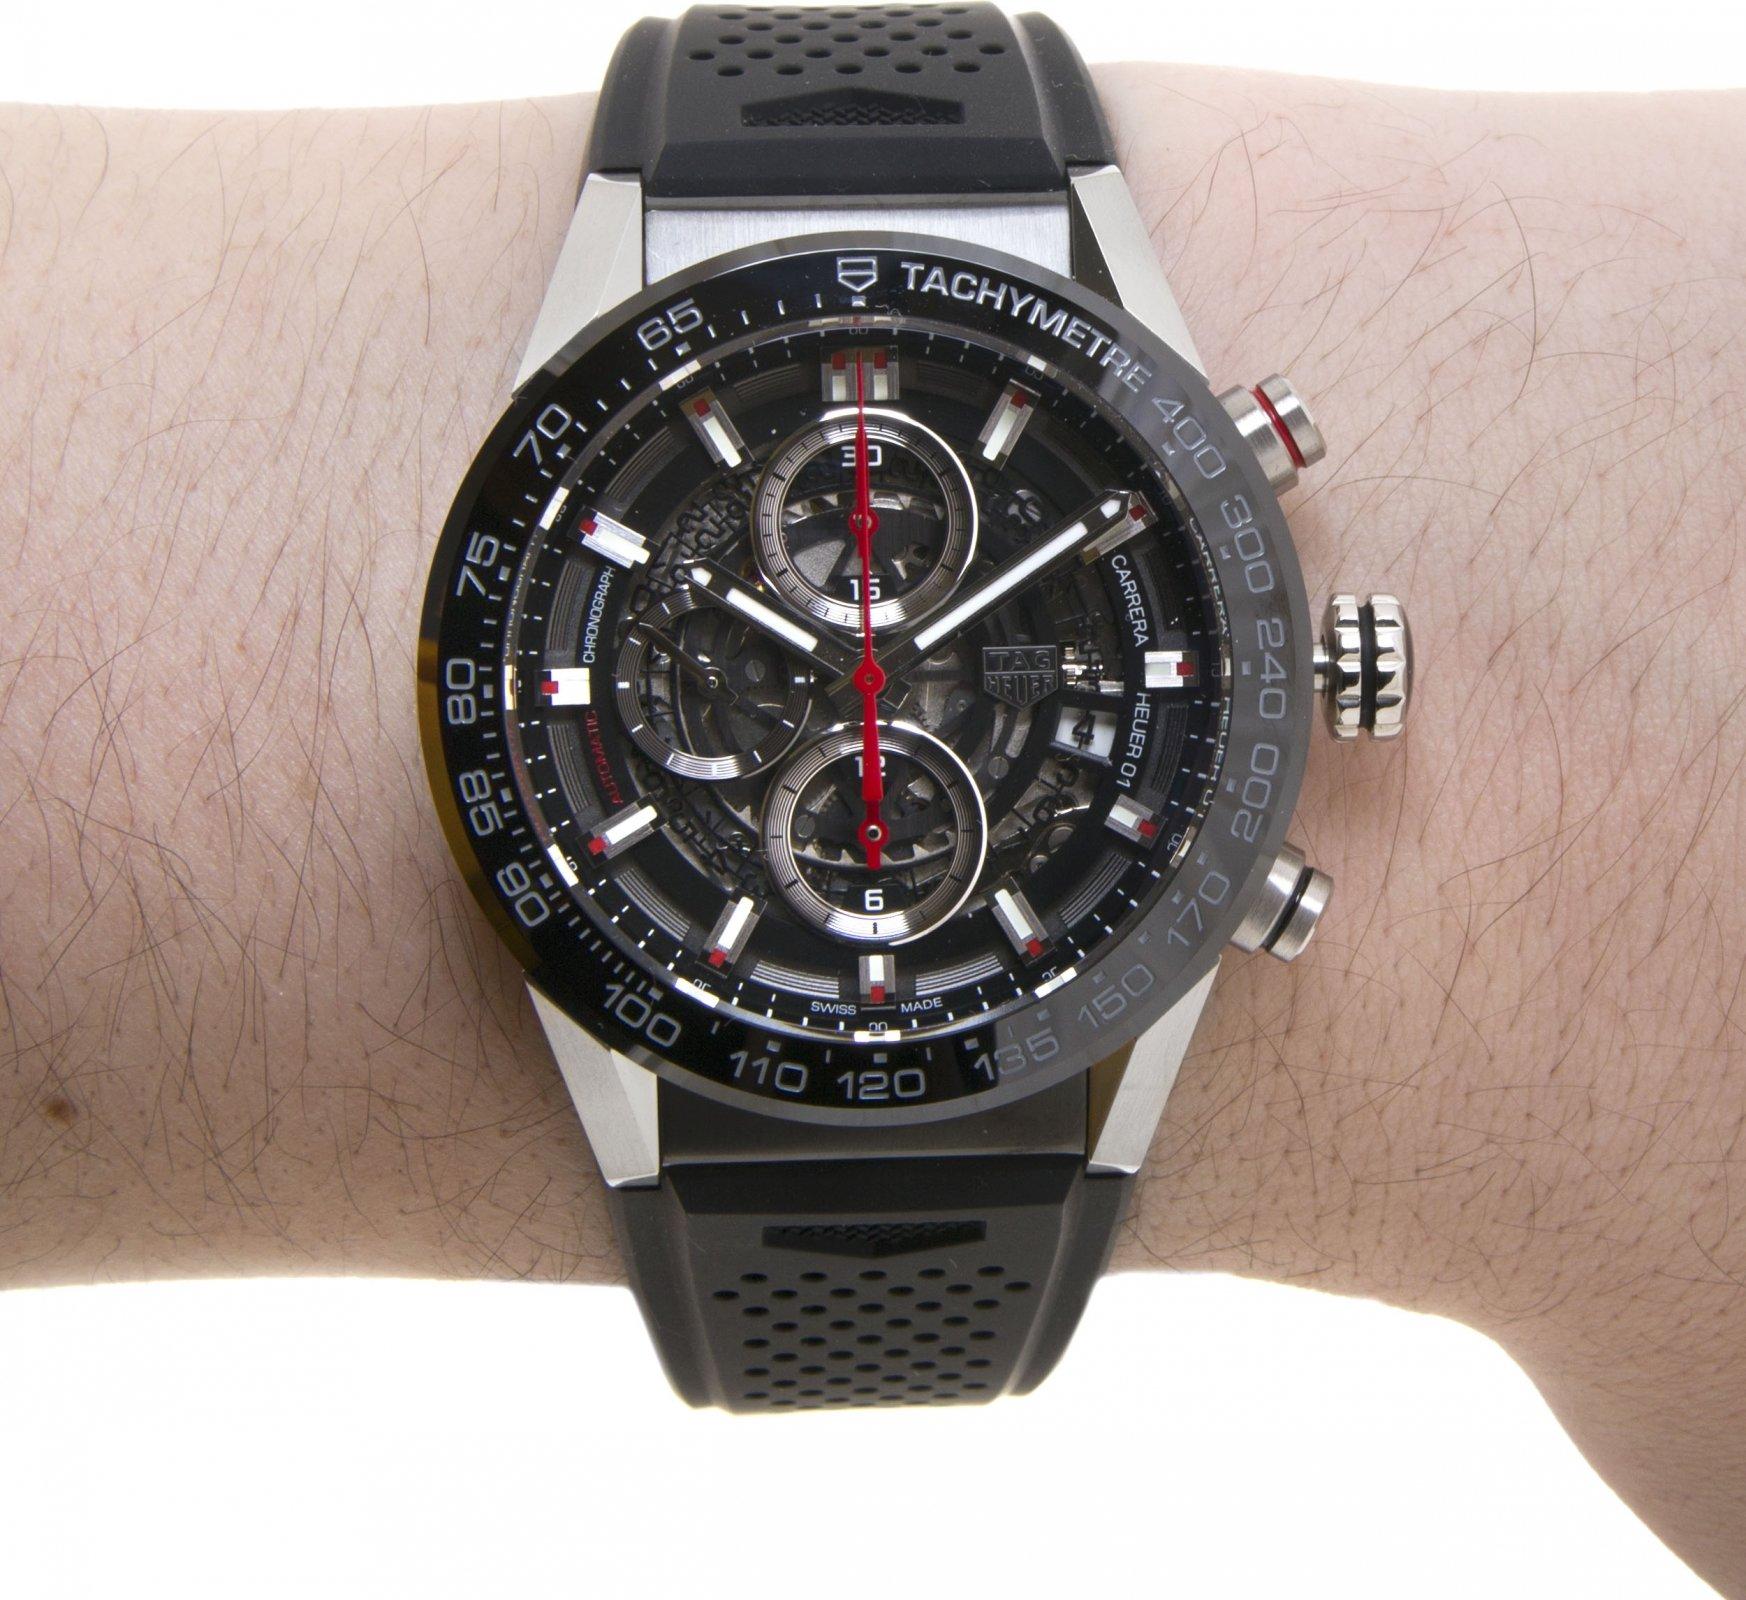 На разработку первой модели ушло четыре года усердного труда, совместно с ведущим дизайнером кристофом белингом, были рассмотрены бесчисленные вариации прототипов, прежде чем найдена финальная, правильная версия часов.